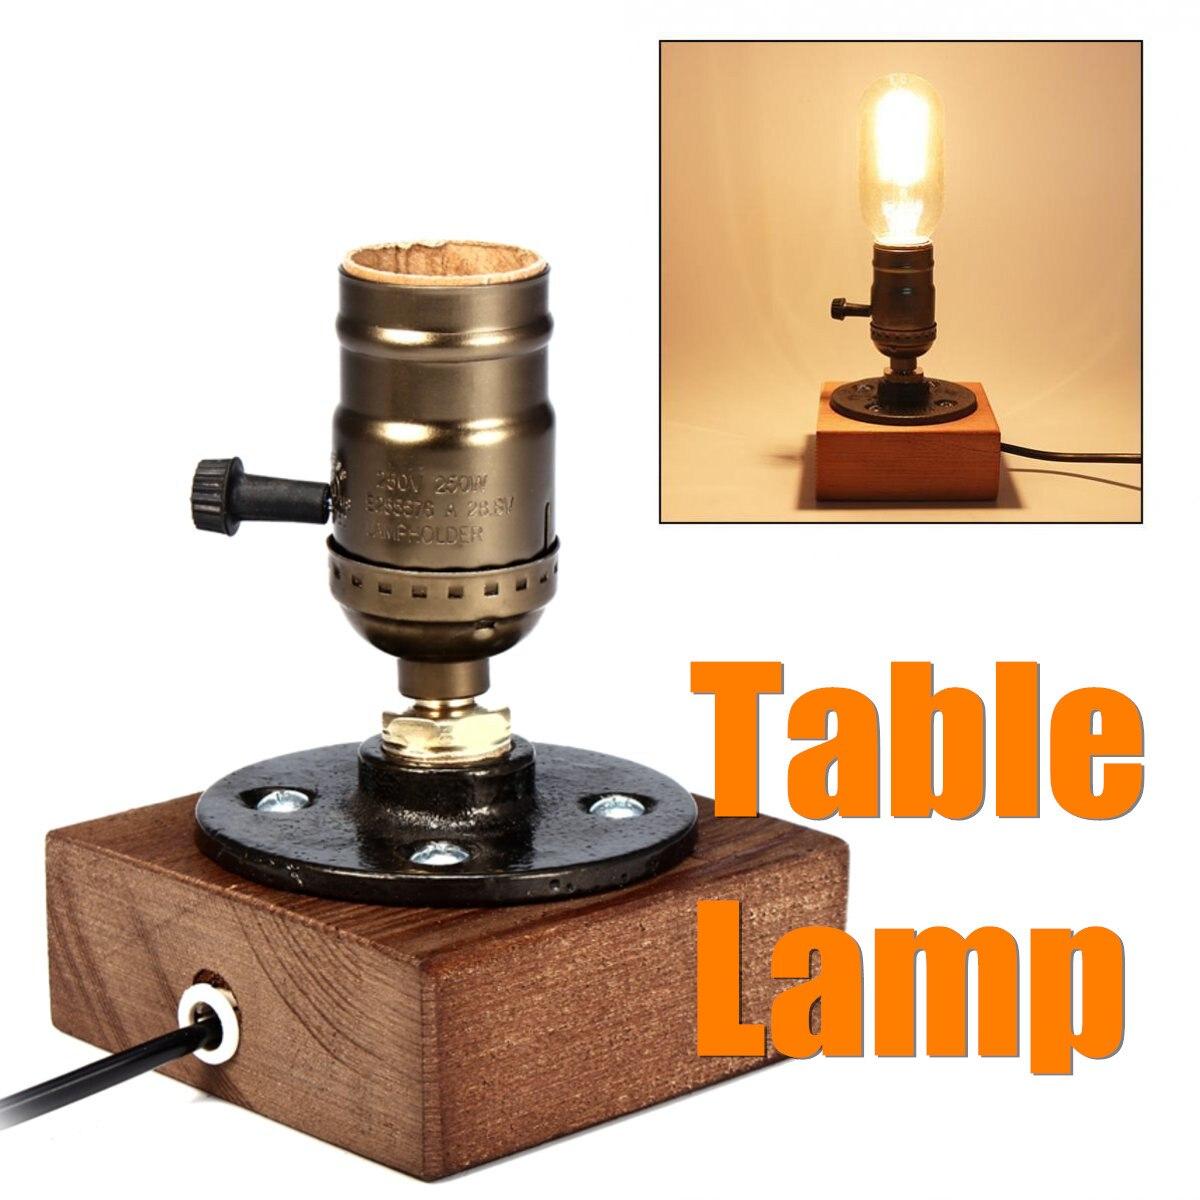 خشبية الكهربائية الرجعية الكلاسيكية مكتب السرير ليلة مصباح منضدة دراسة بار مقهى ضوء إضاءة داخلية إمدادات E27